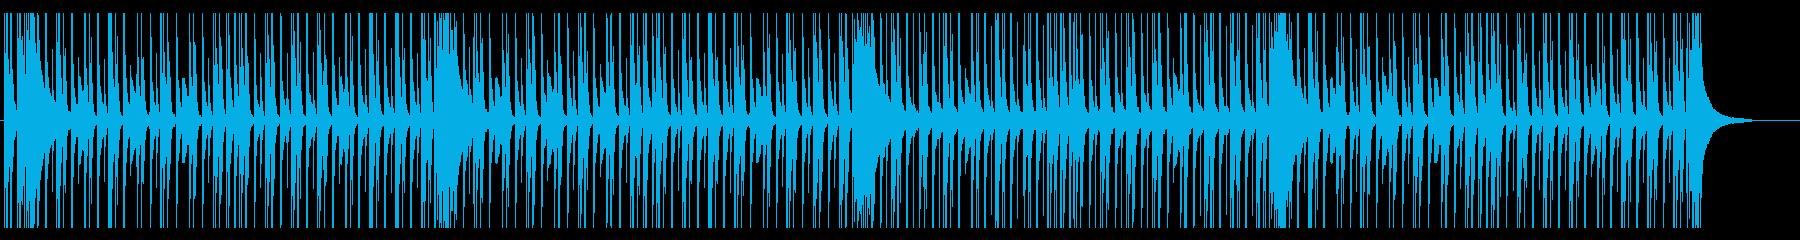 ジャジーでこじゃれたソロドラムの再生済みの波形